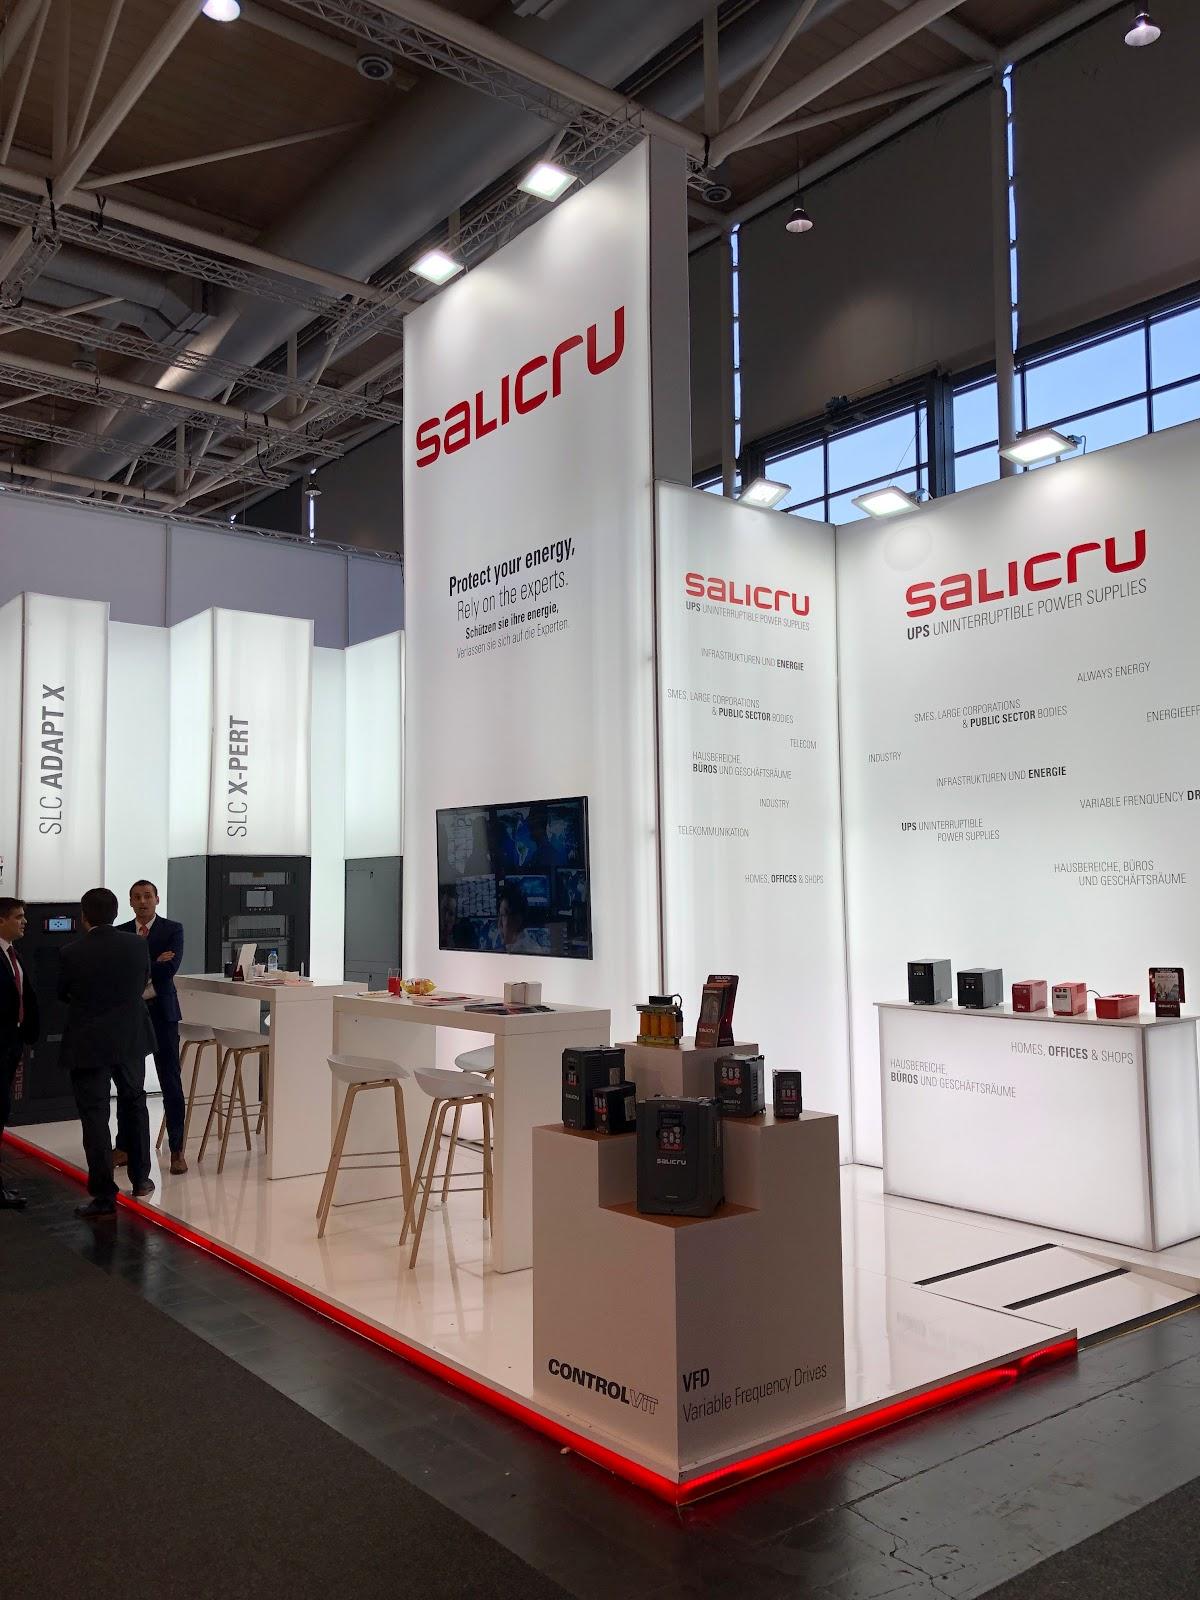 Stand de la empresa Salicru en la Hannover Messe 2019